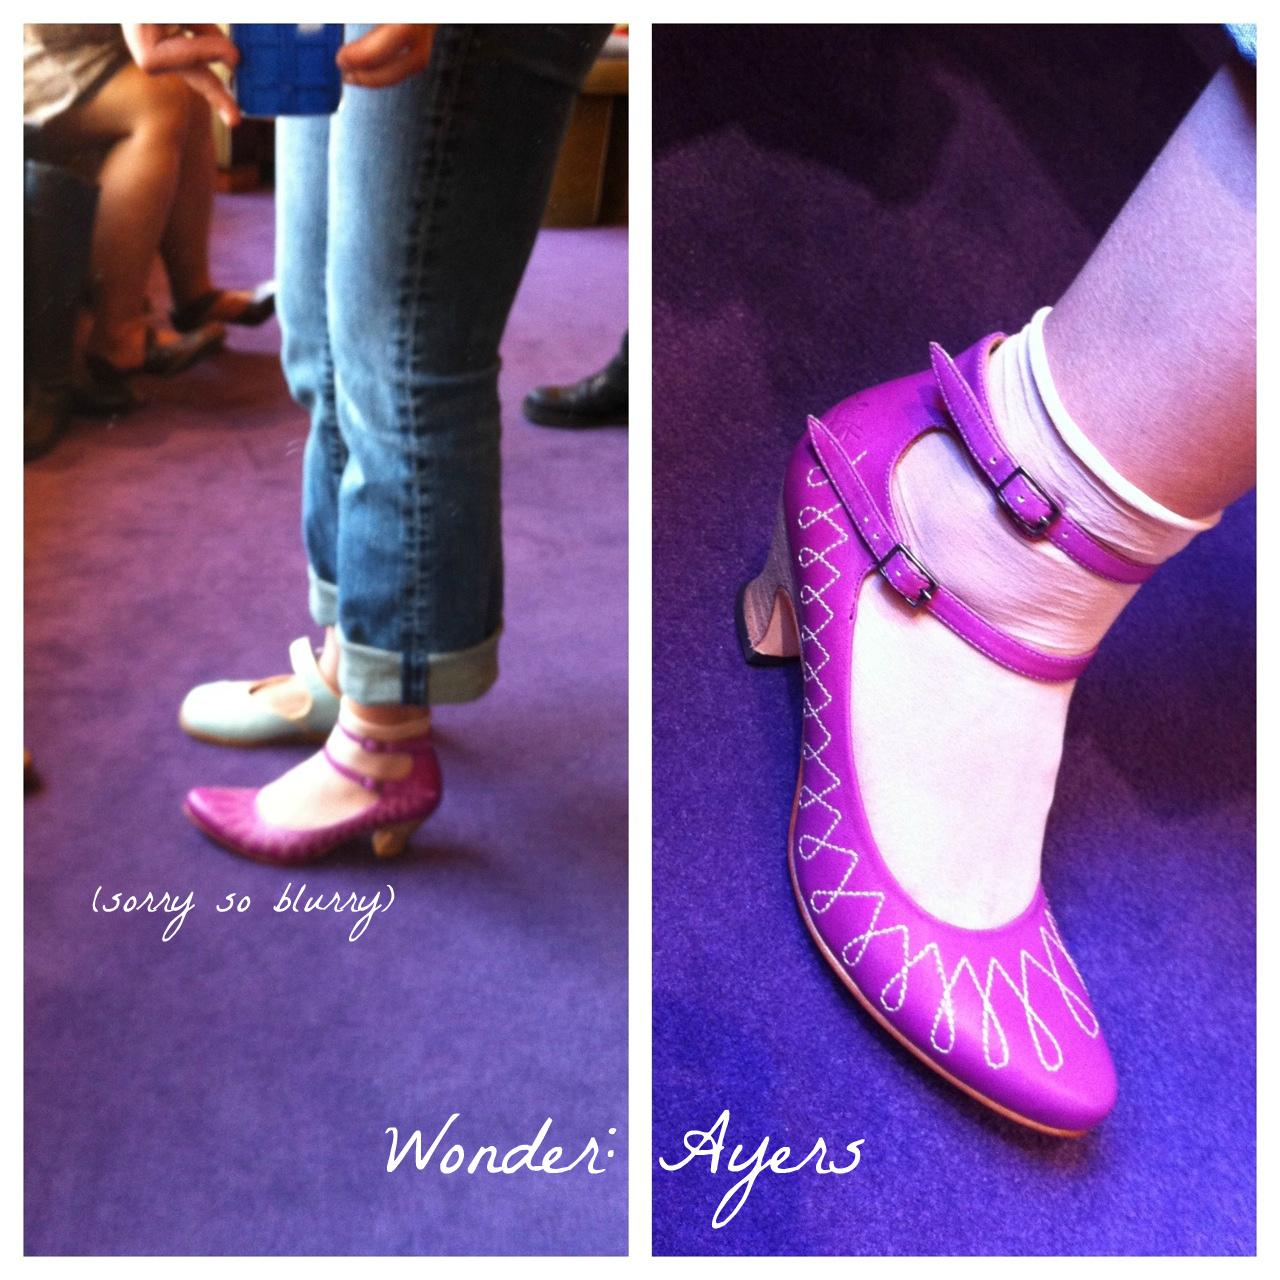 Wonder: Ayers